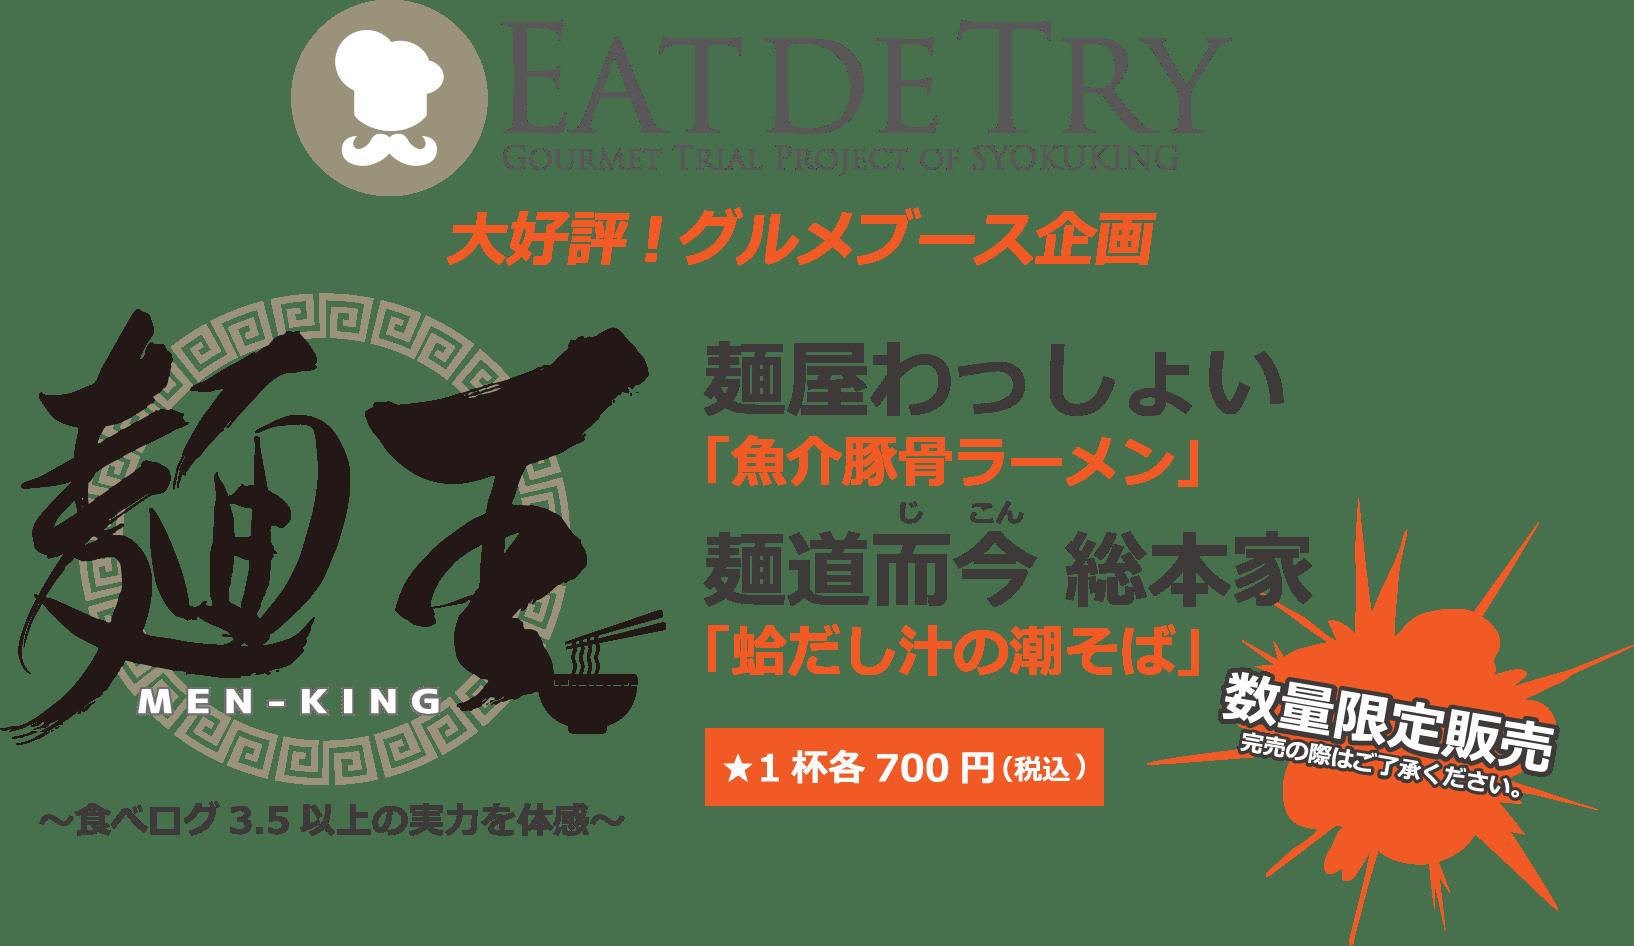 大好評のグルメブース企画「麺王」!『麺屋わっしょい』『麺道而今(じこん)総本家』数量限定販売!